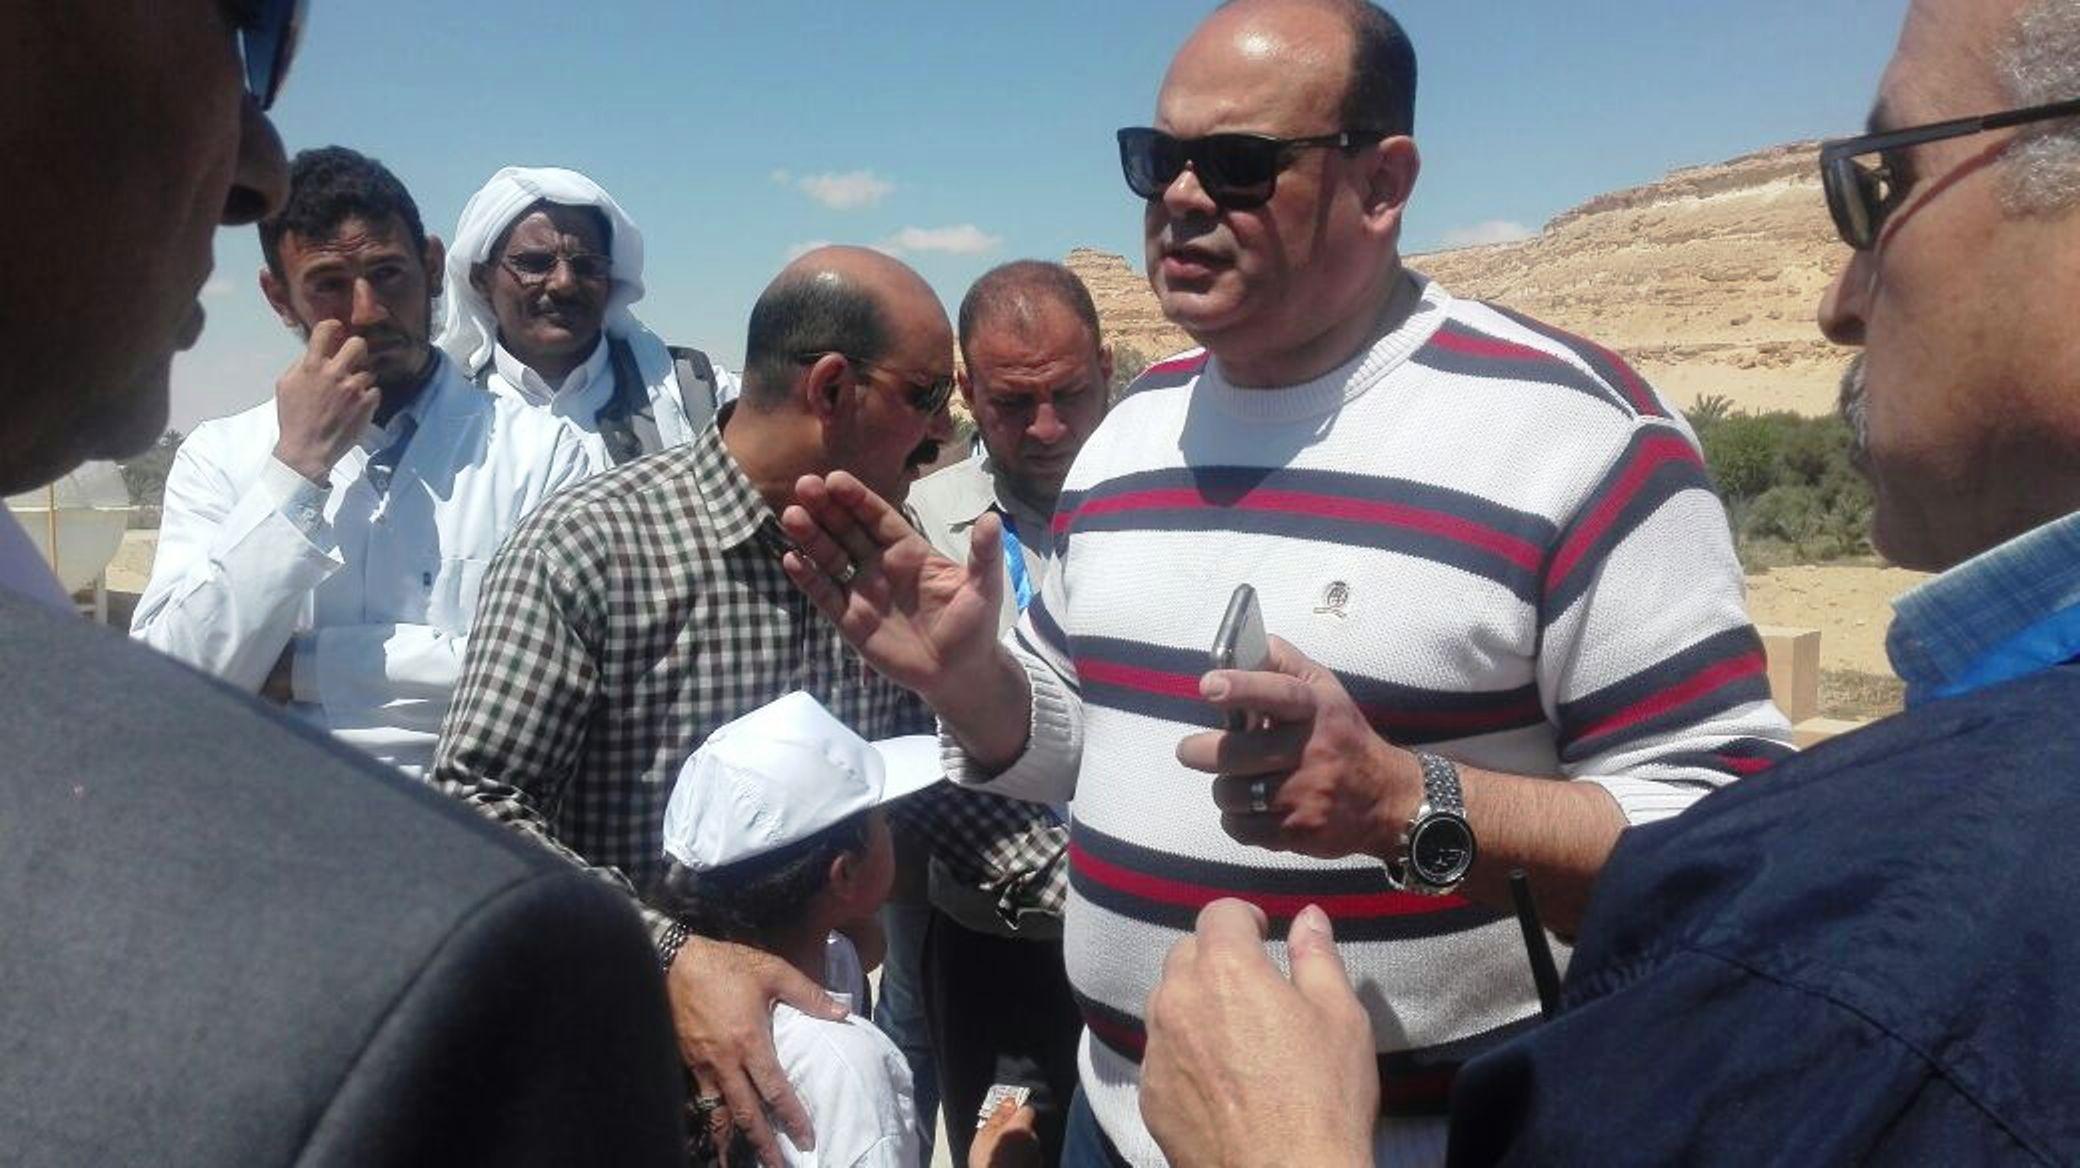 اللواء علاء ابو زيد يصرف مكافأة للسنةلين بمحطة مياه سيوة